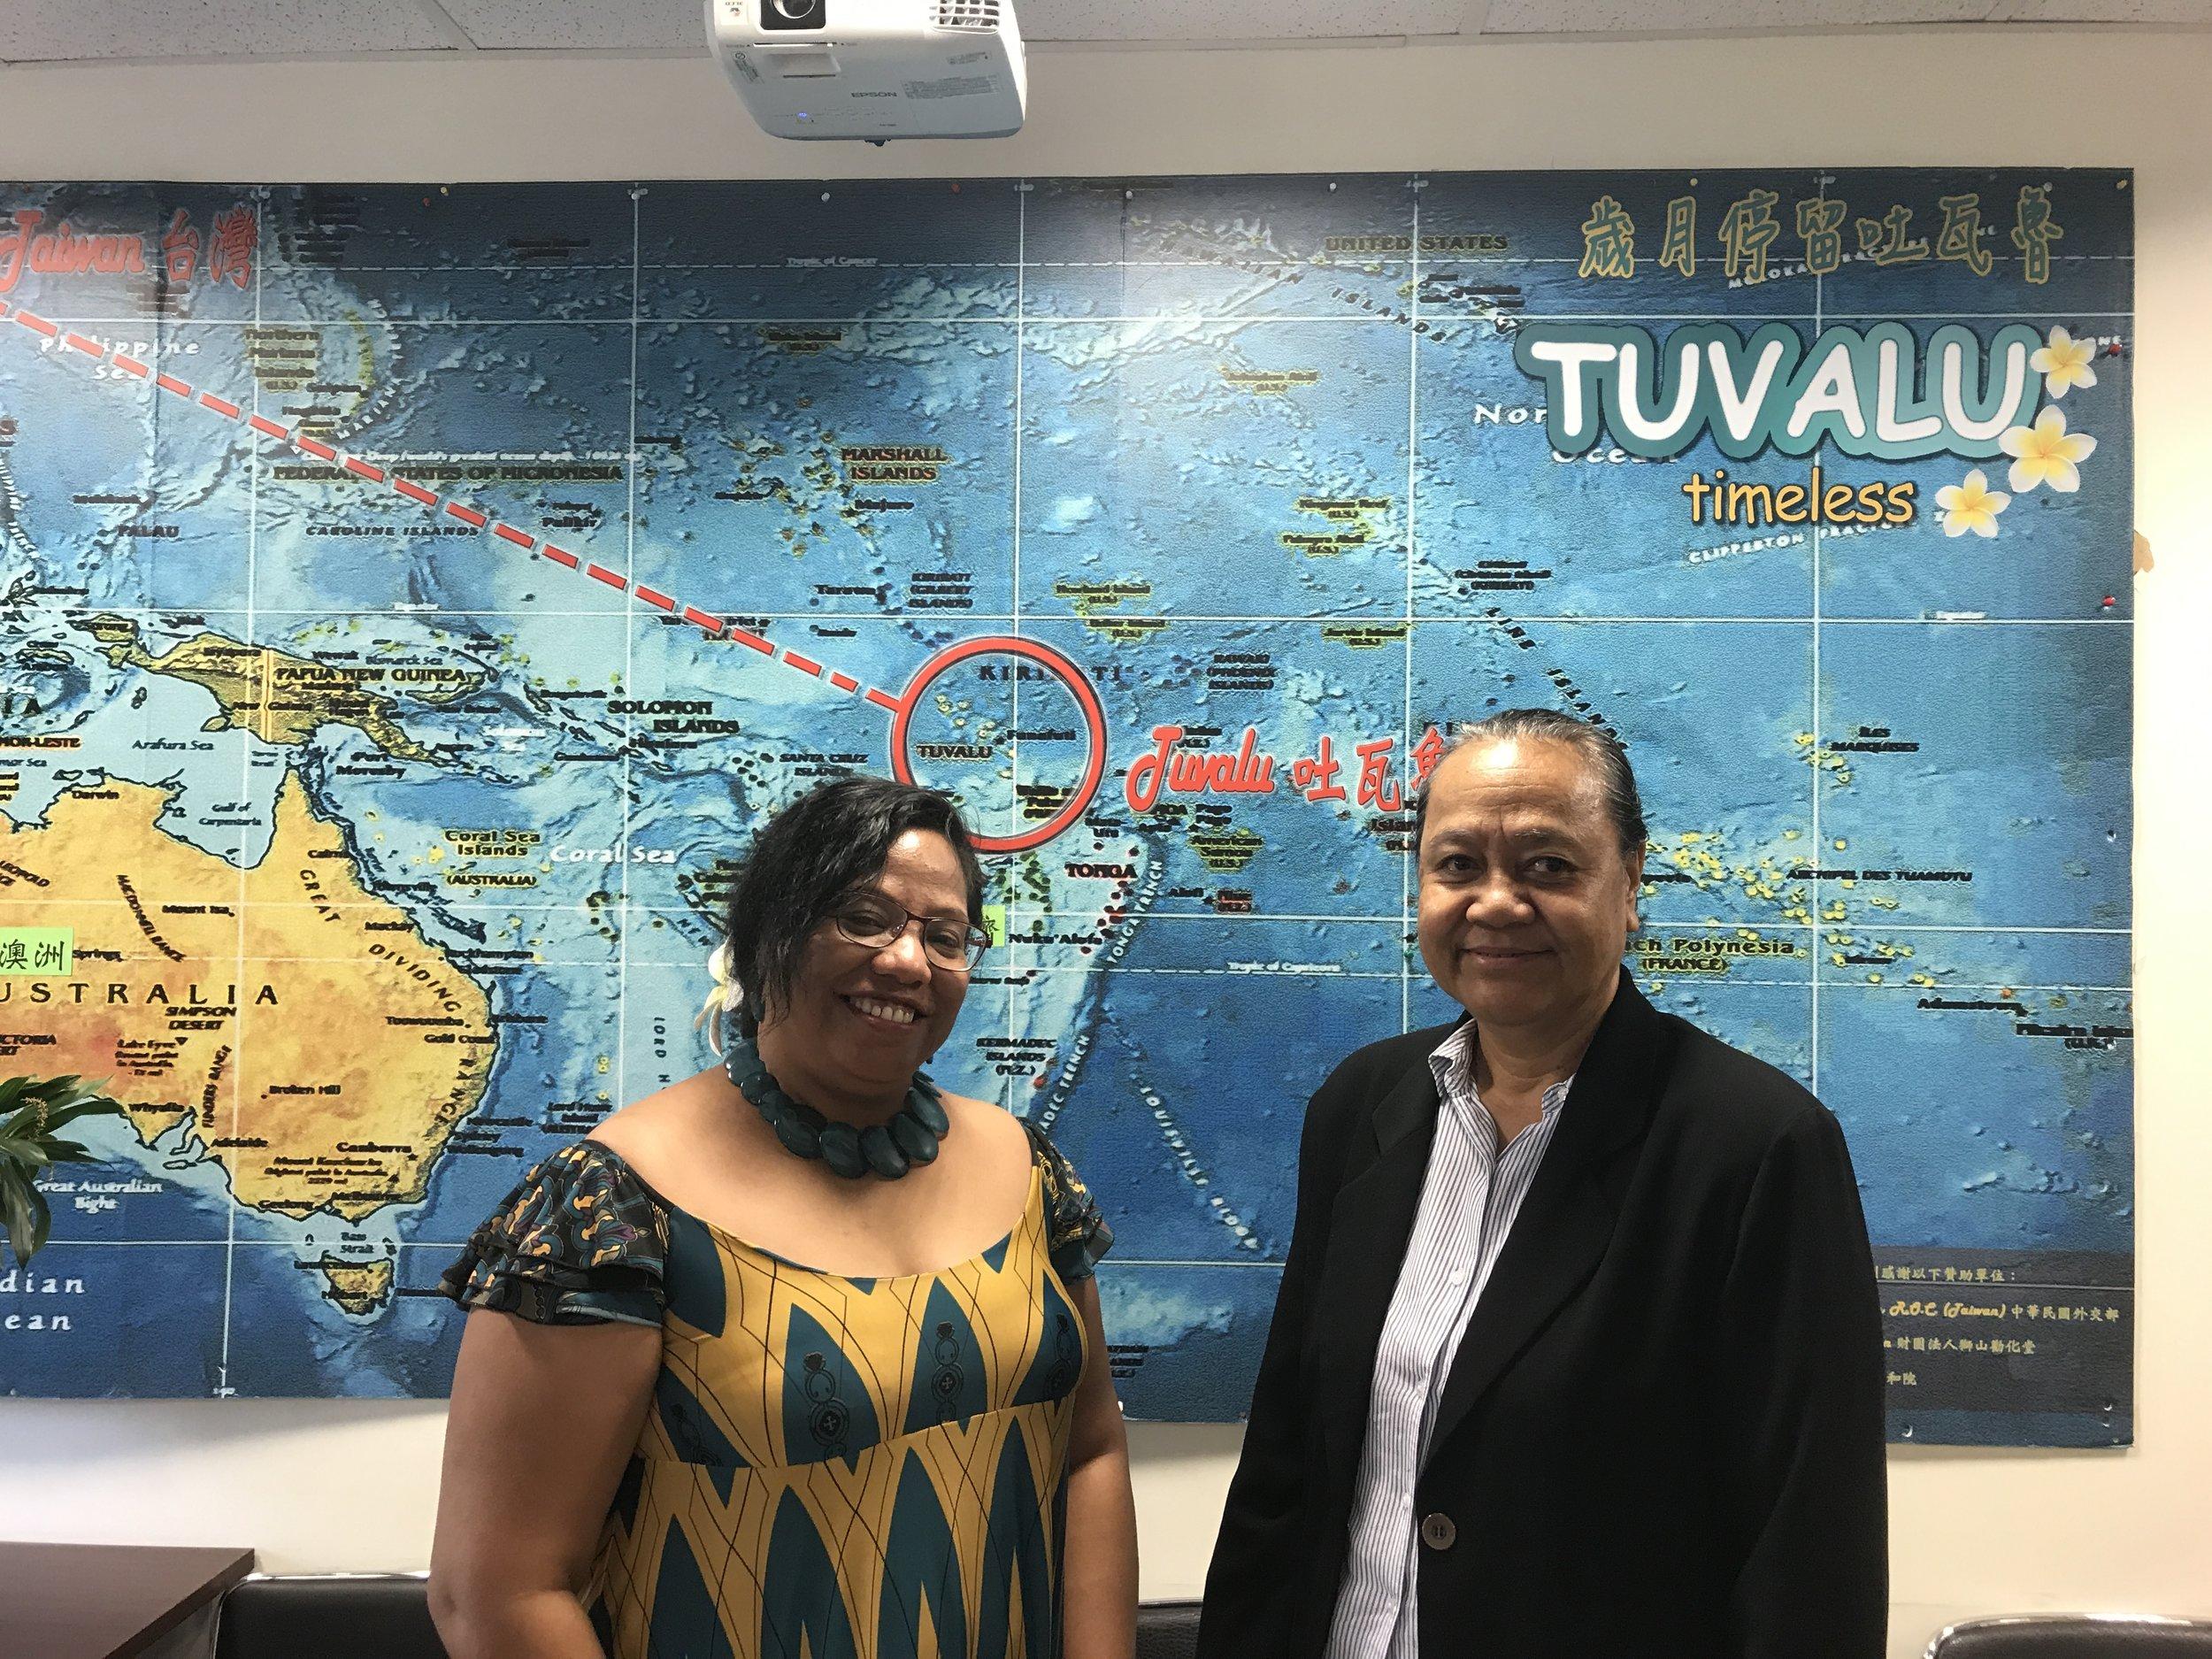 H.E. Ambassador Tessie Eria Lambourne and H.E. Ambassador Limasene Teatu